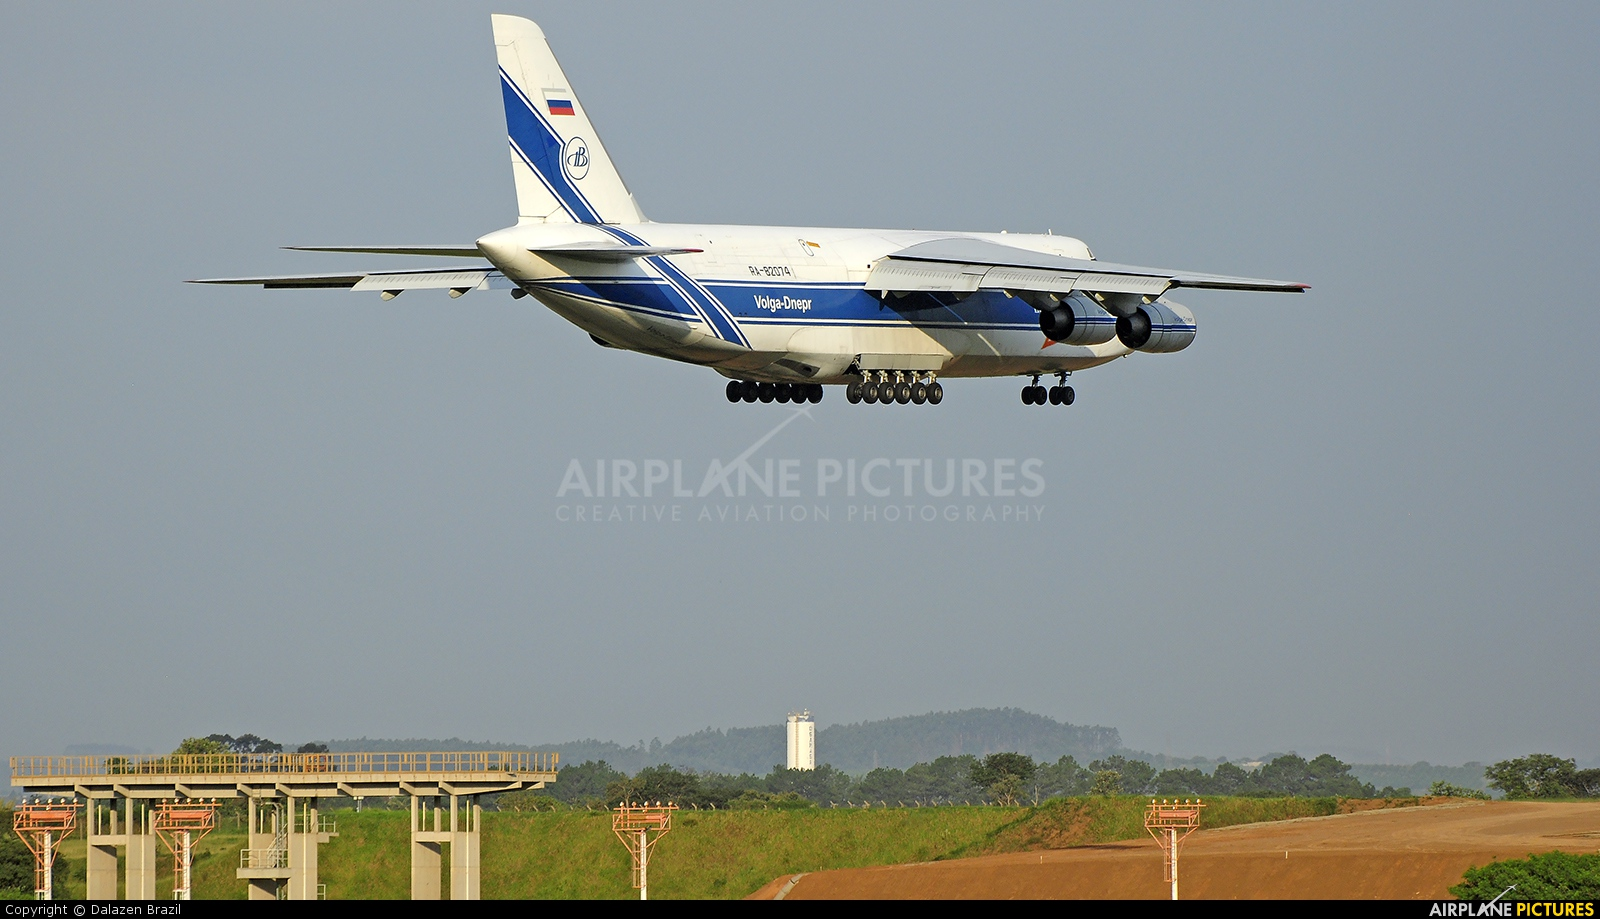 Volga Dnepr Airlines RA-82074 aircraft at Campinas - Viracopos Intl